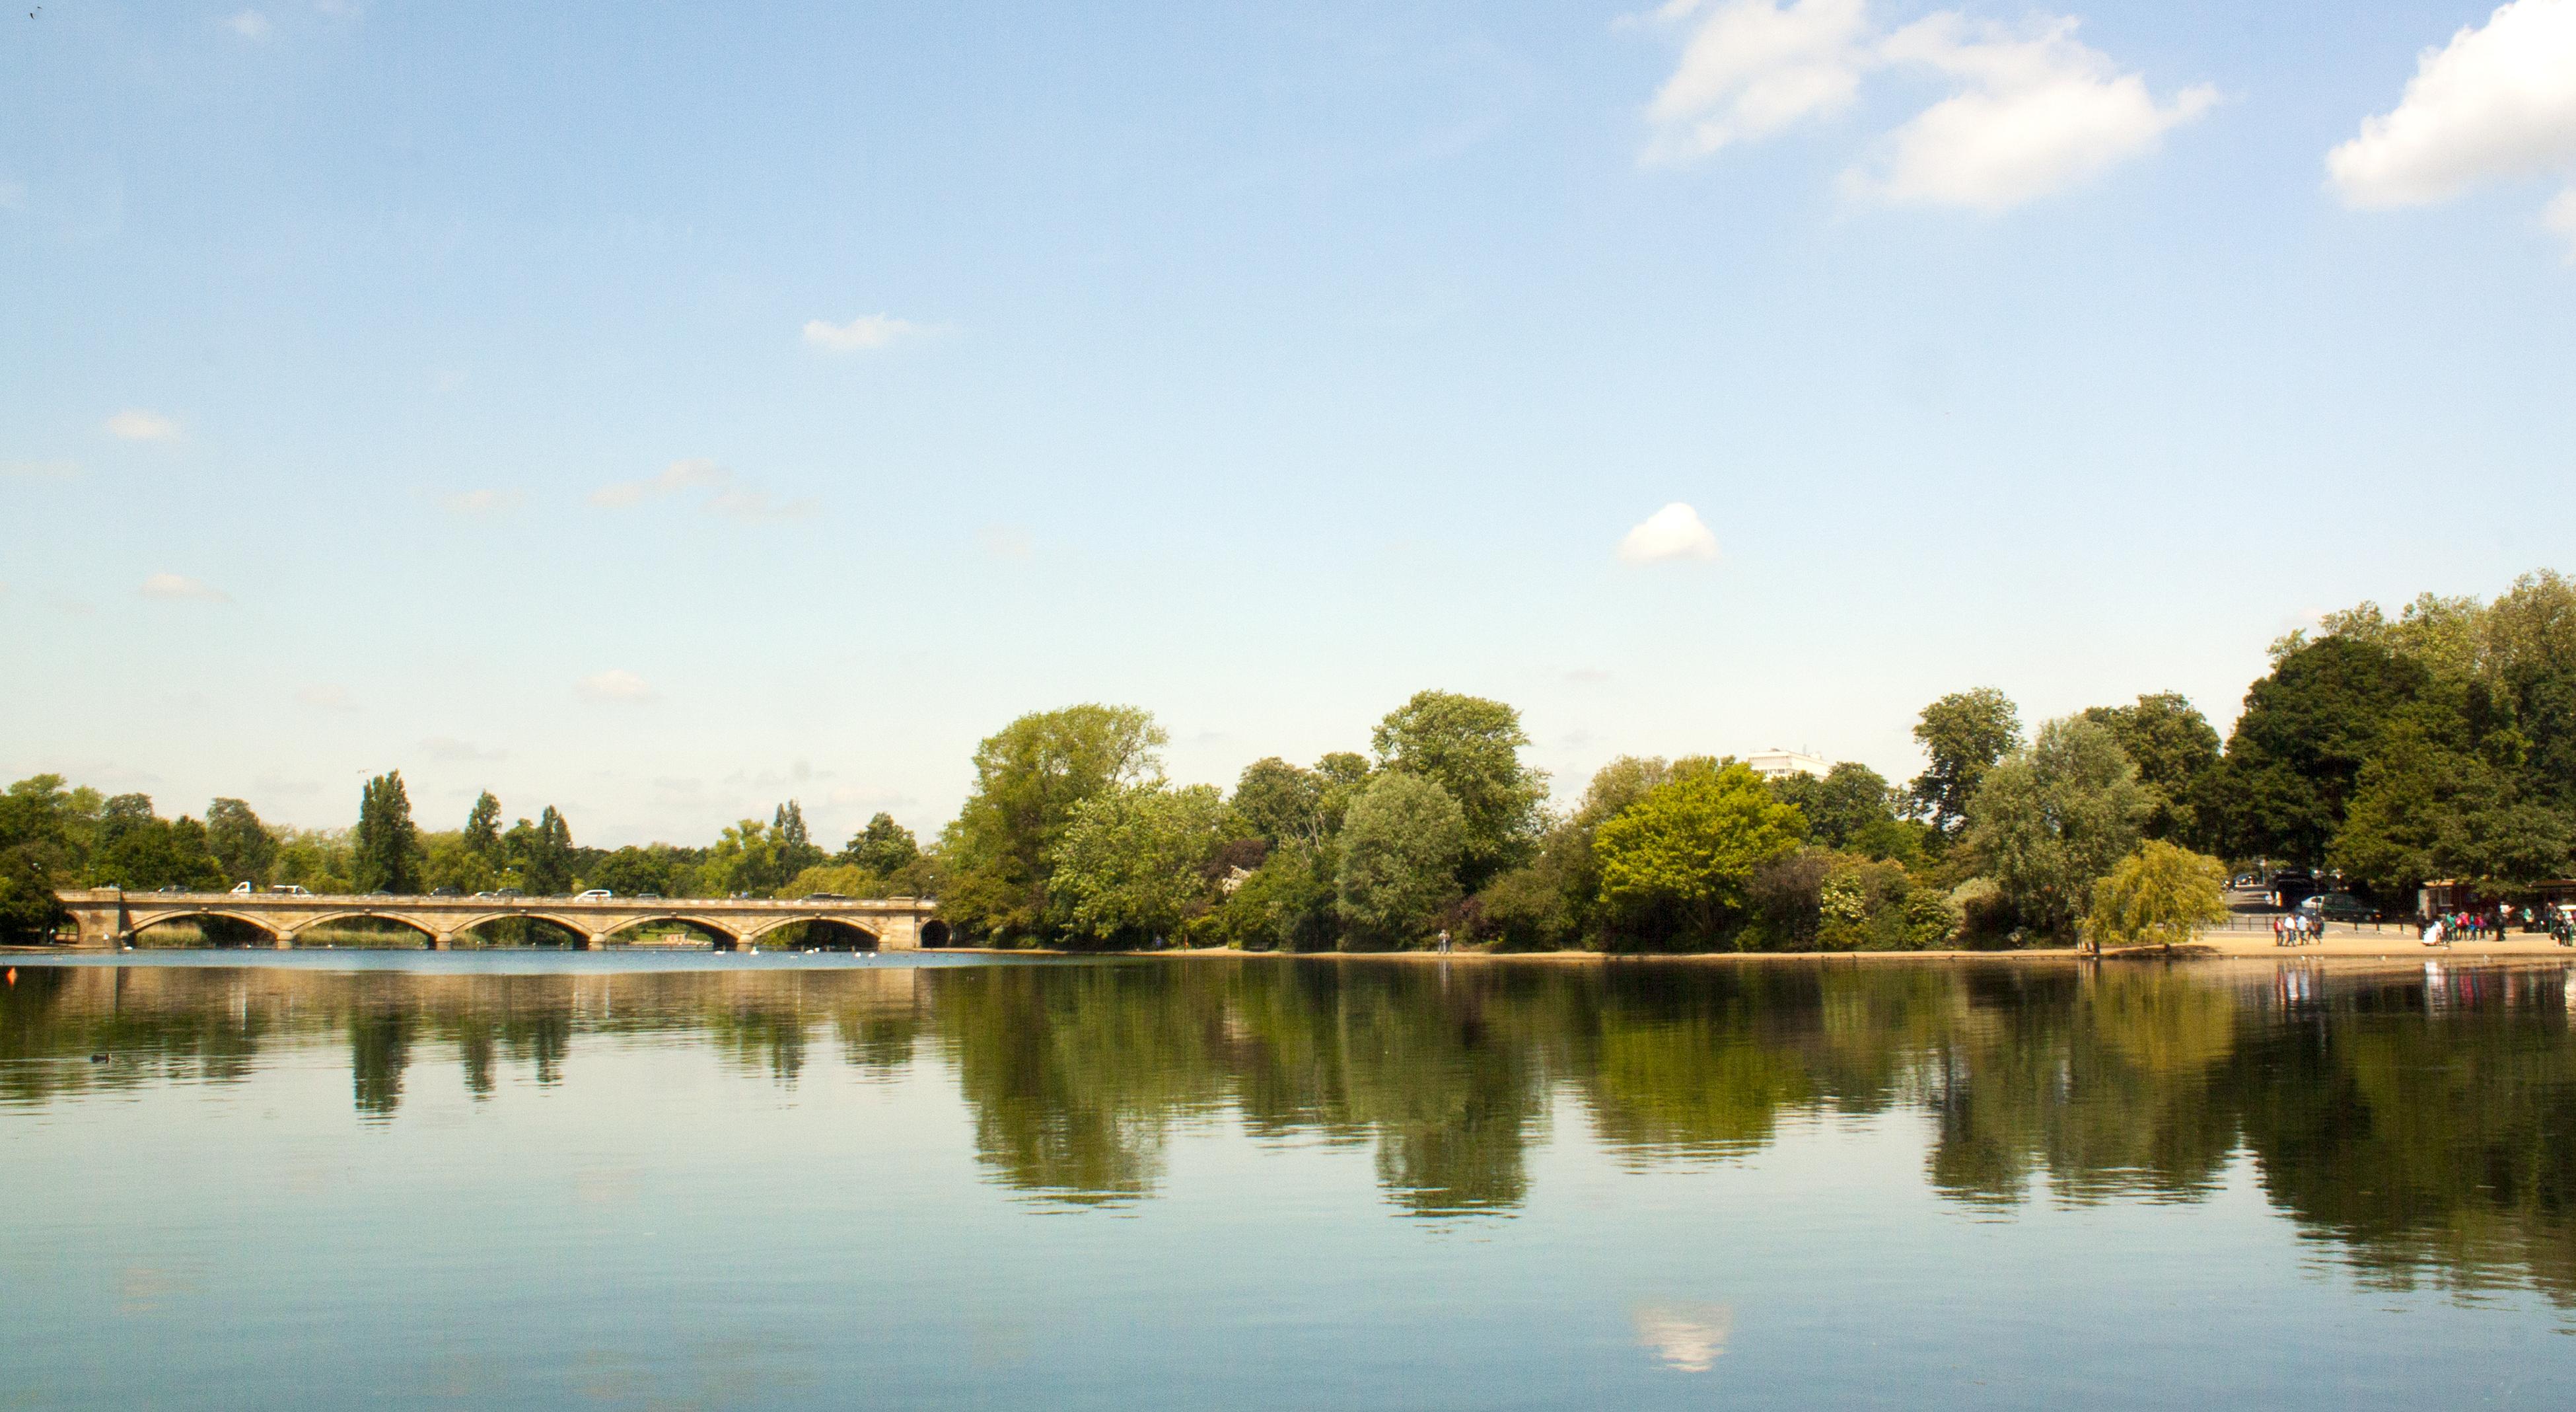 El parque Londres, UK